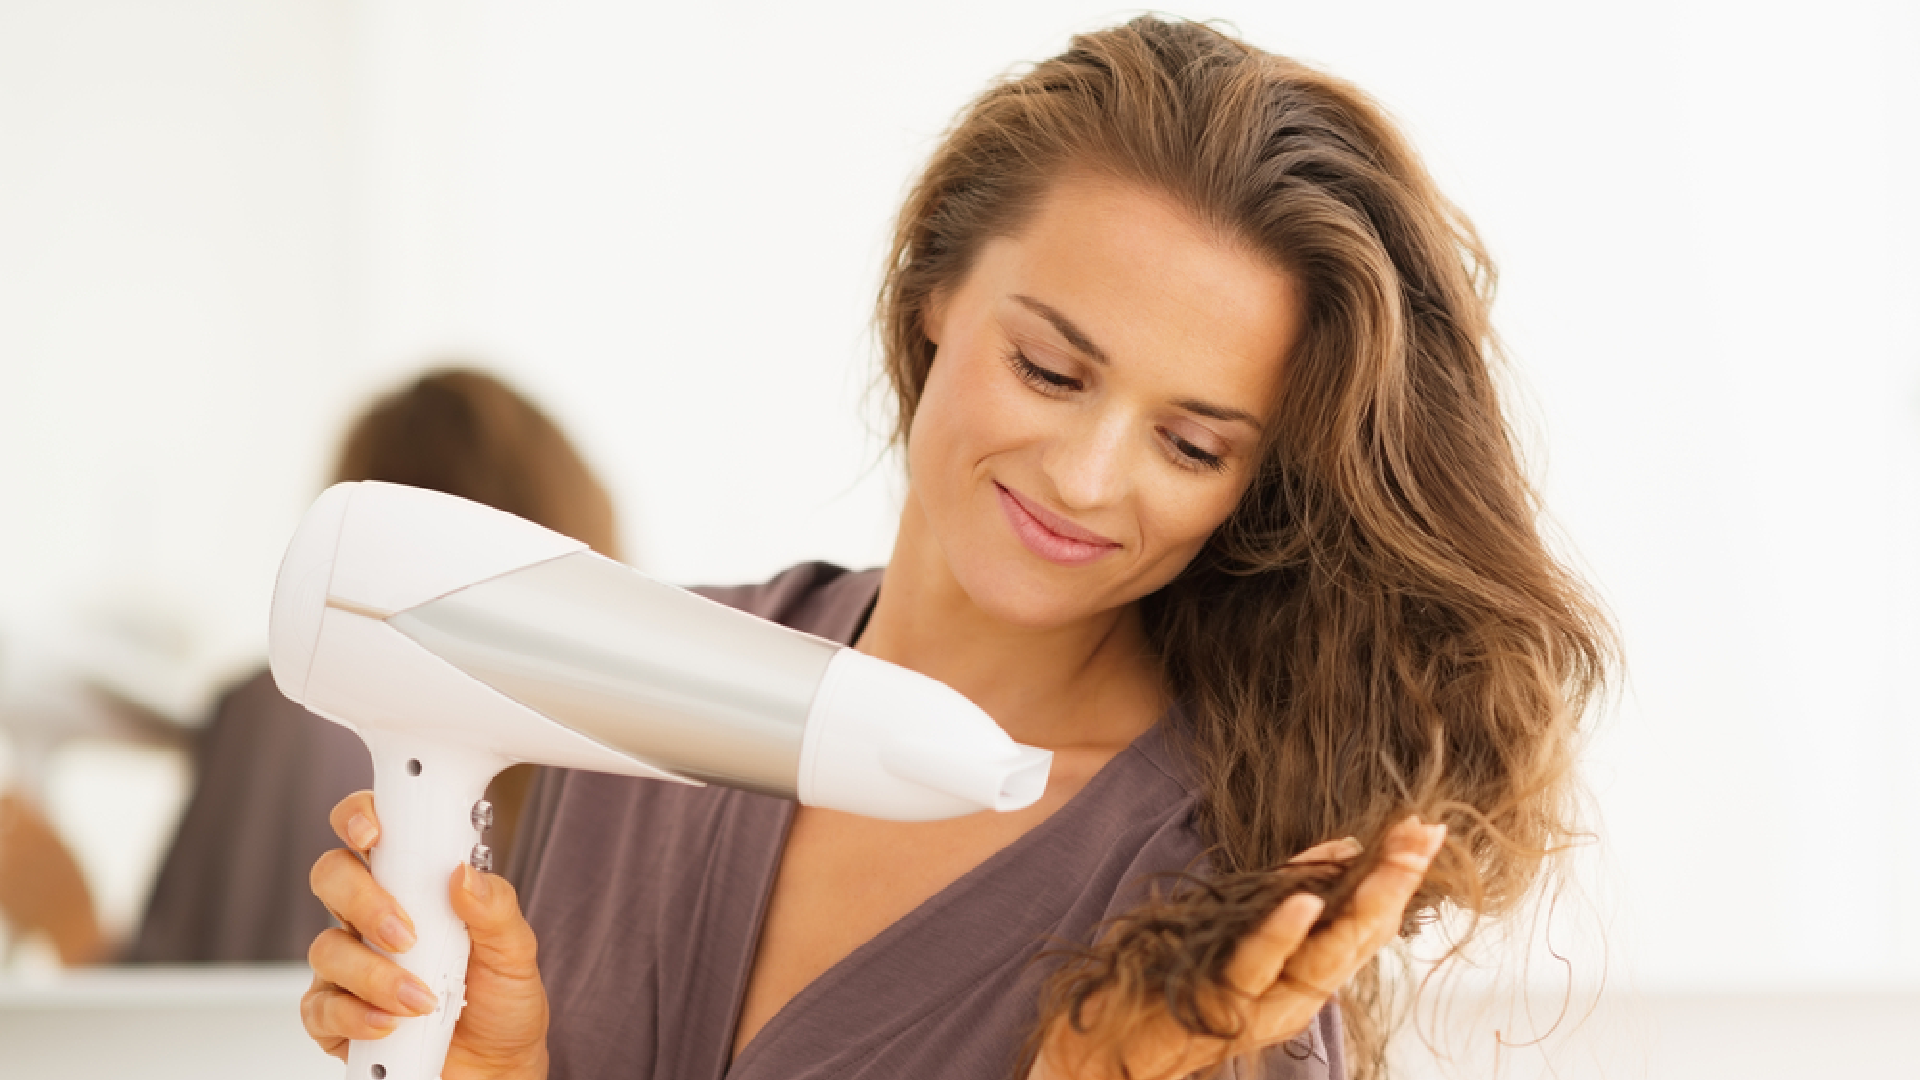 Veja a nossa seleção dos melhores secadores de cabelo Taiff de 2021! (Imagem: Reprodução/Shutterstock)